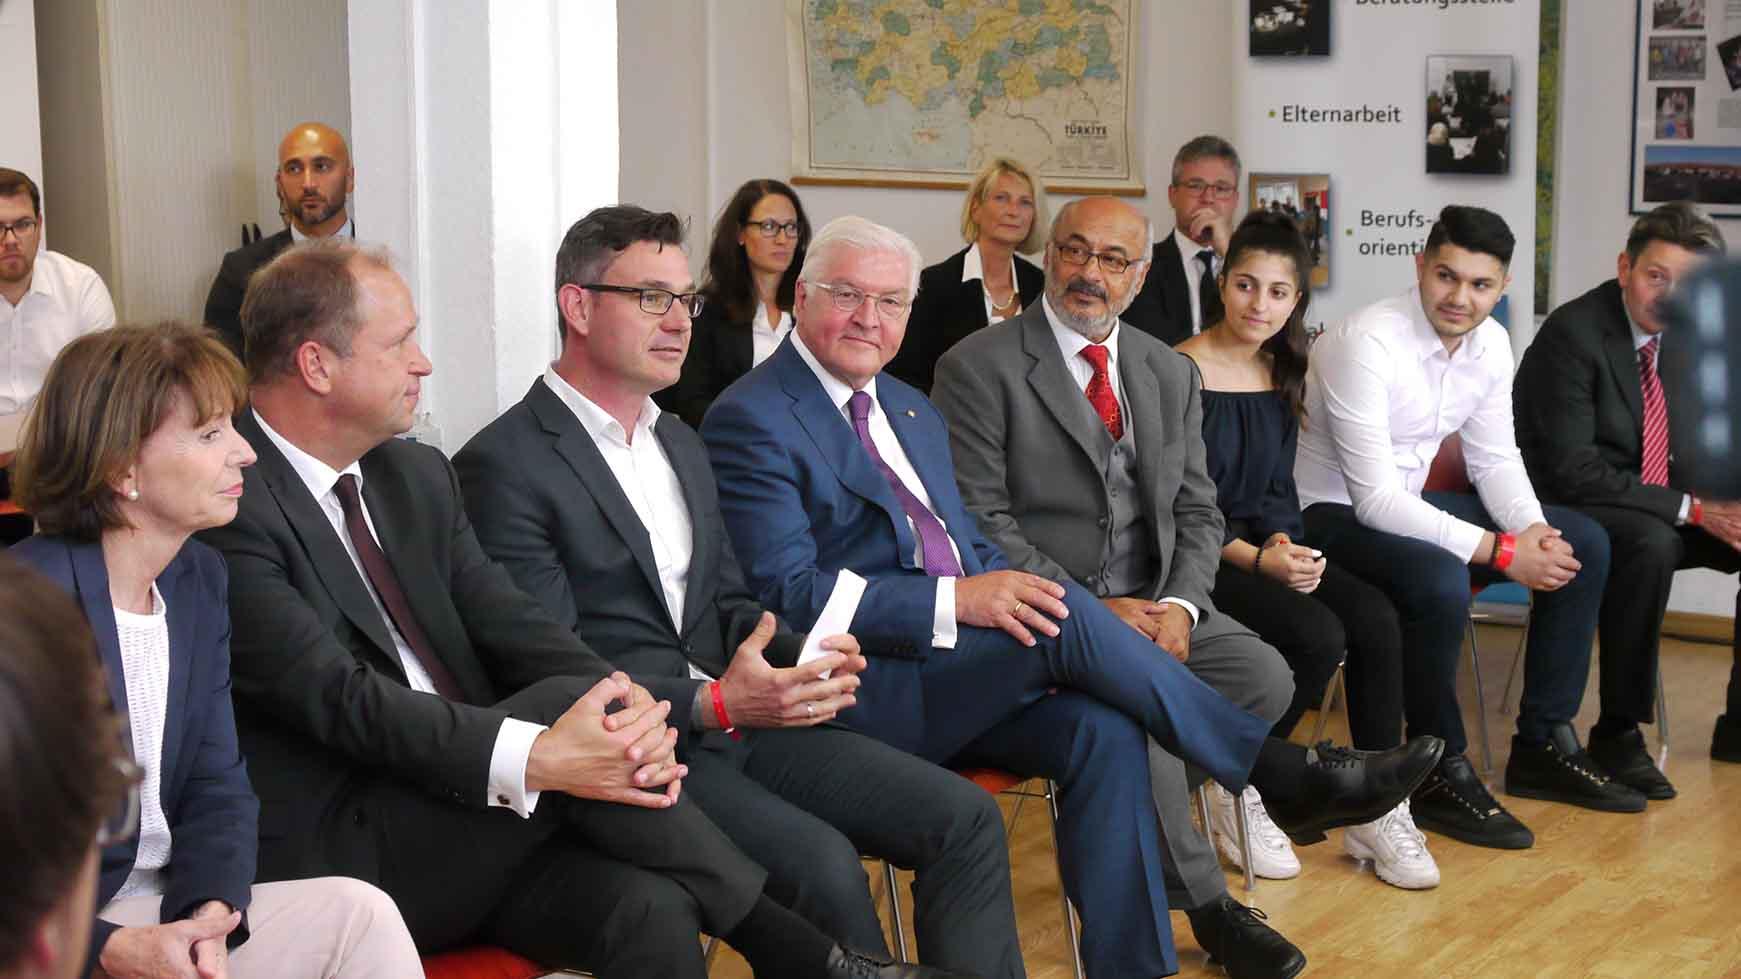 Besuch des Bundespräsidenten Steinemeier bei Coach e.V. im Sommer 2018